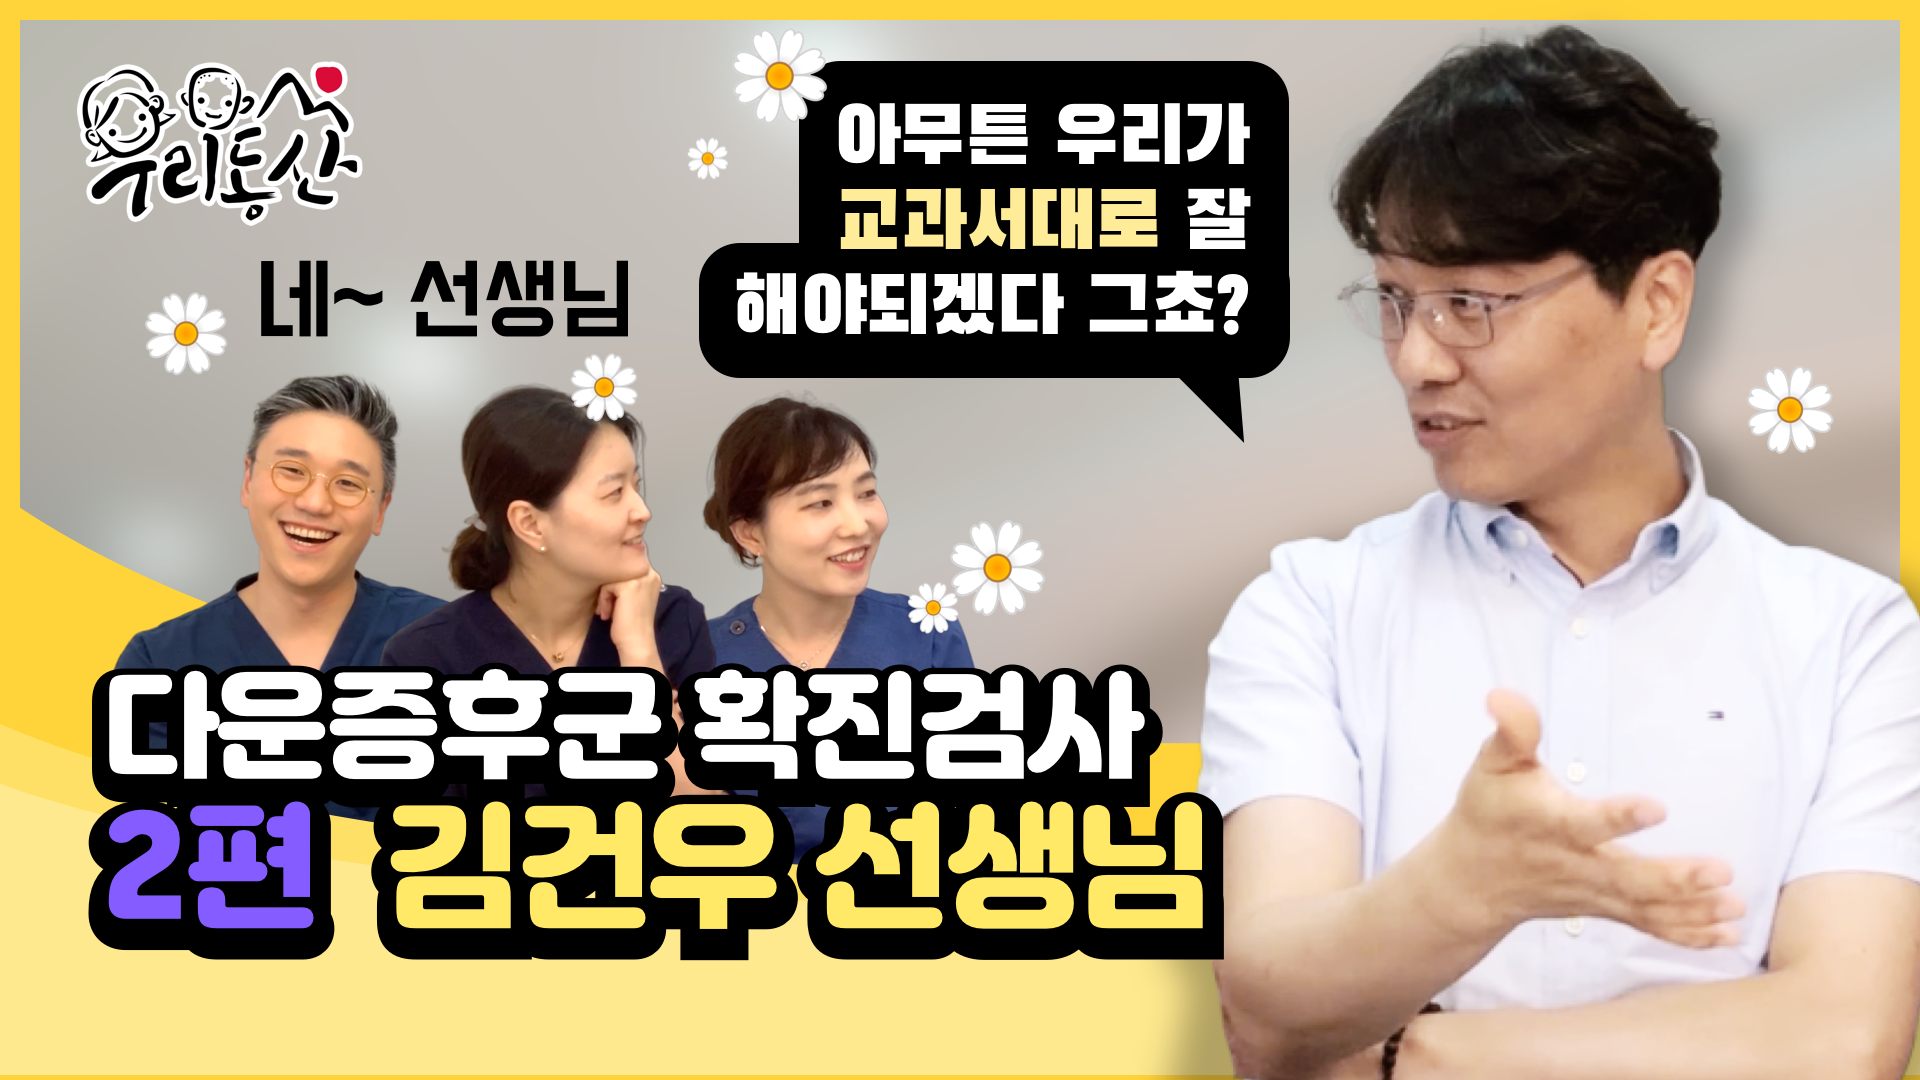 융모막융모 생검 CVS 대구함춘 김건우